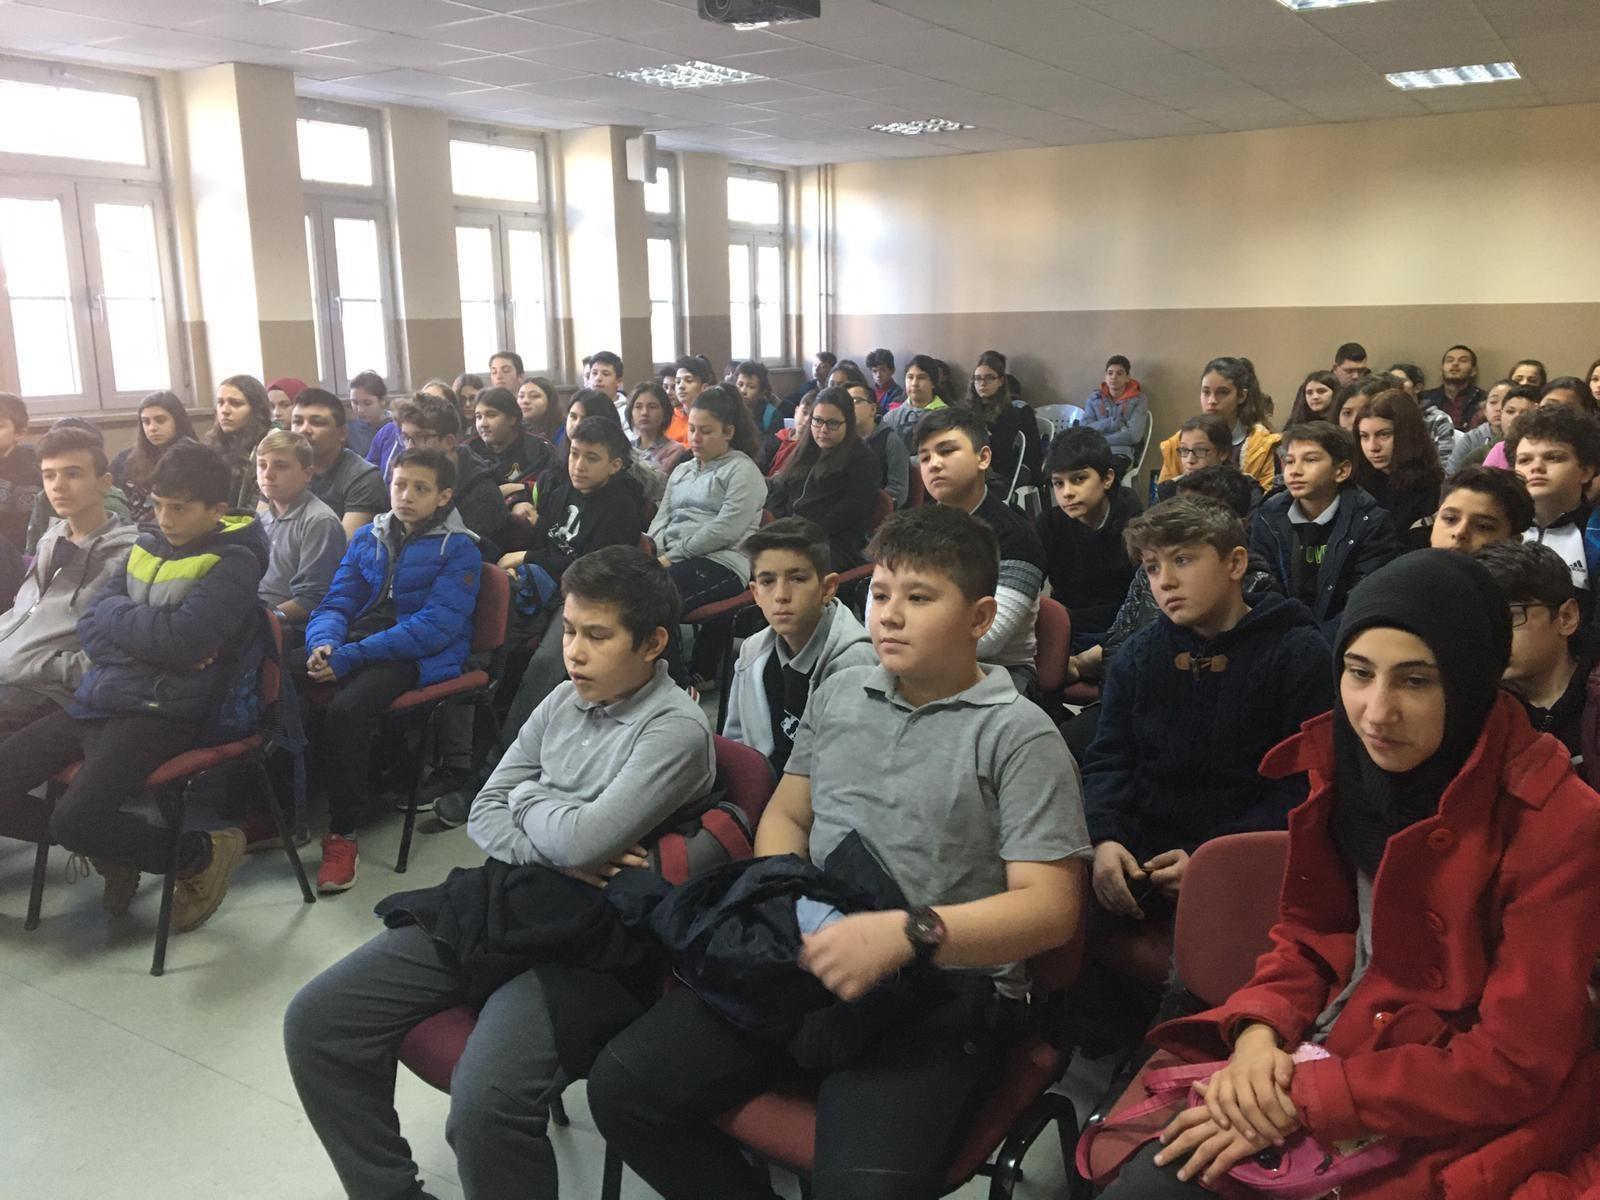 Kütahya Simav Osmanbey Ortaokulunda, Bilinçli ve Güvenli İnternet Semineri